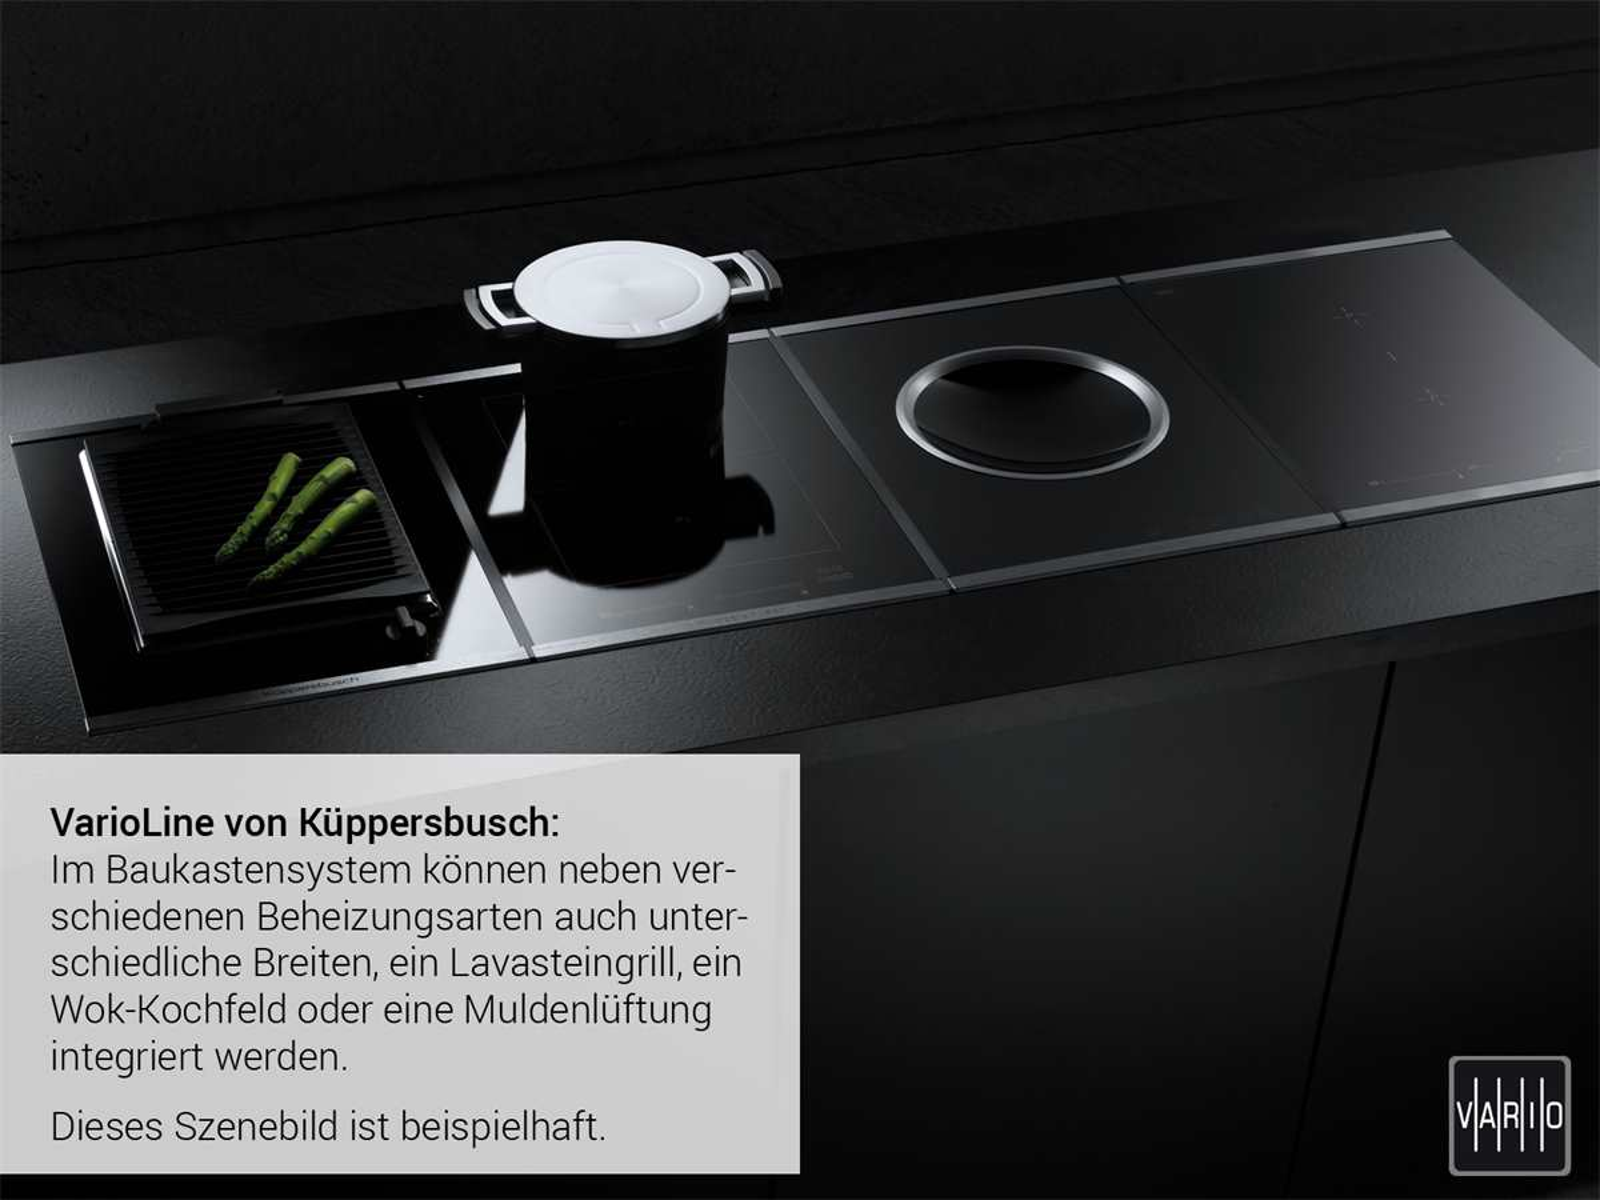 Küppersbusch VKEL 3800.0 SR K-Series. 8 Domino Elektro Grill autark